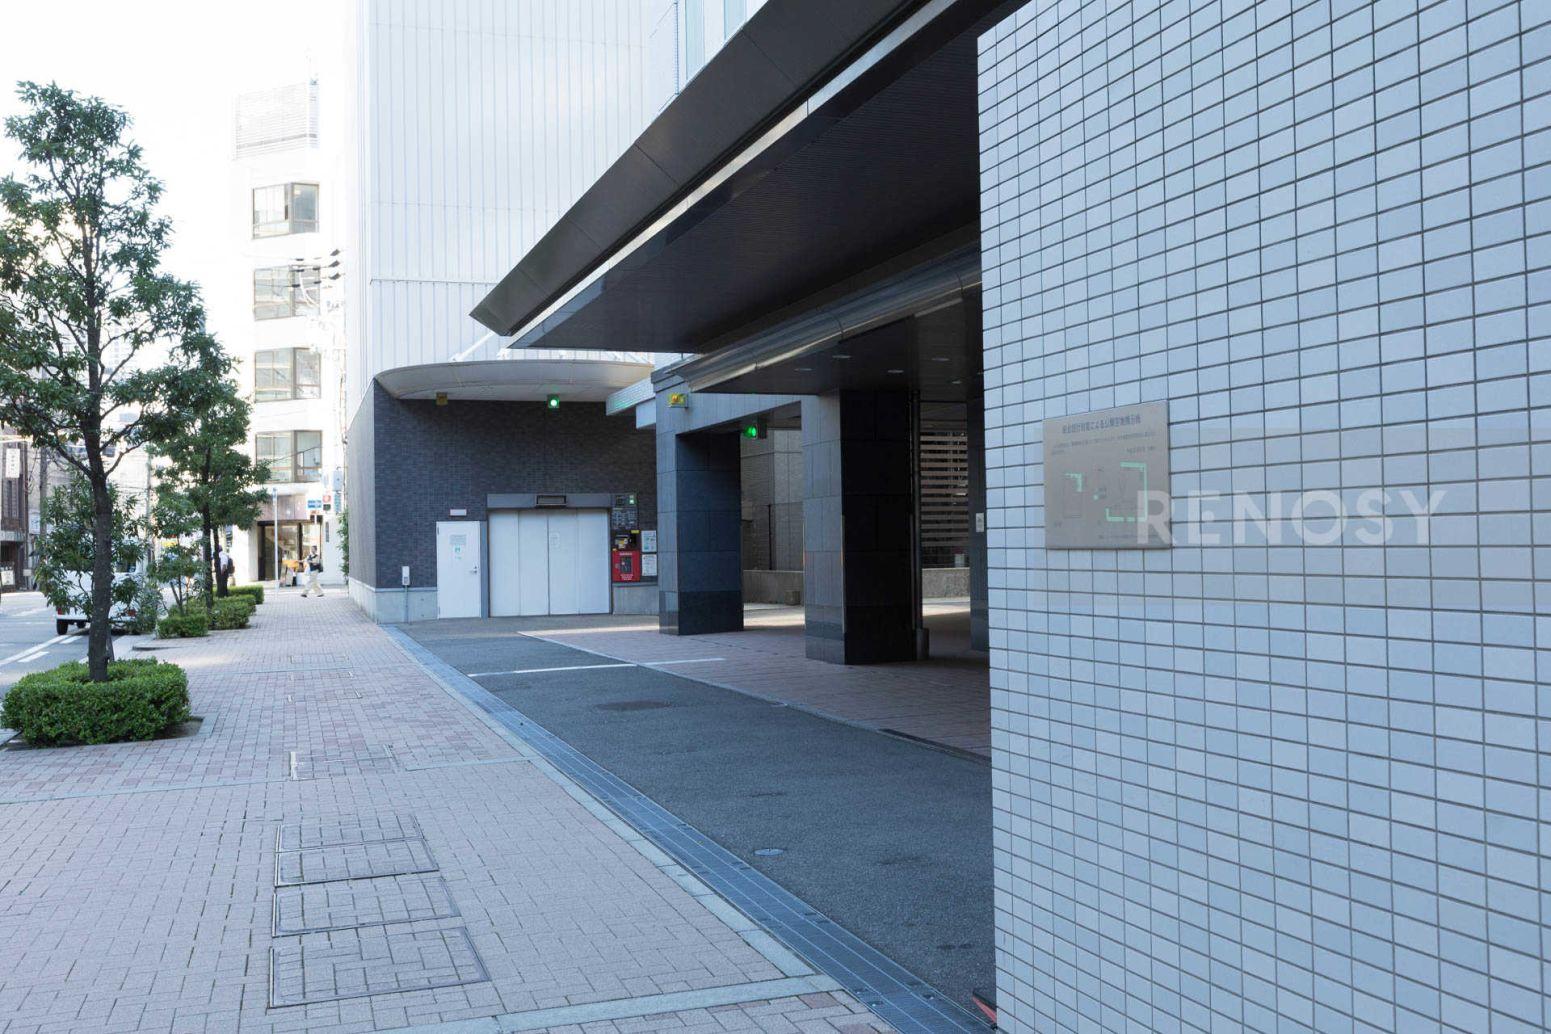 Dグラフォート大阪NYタワーHIGOBASHI